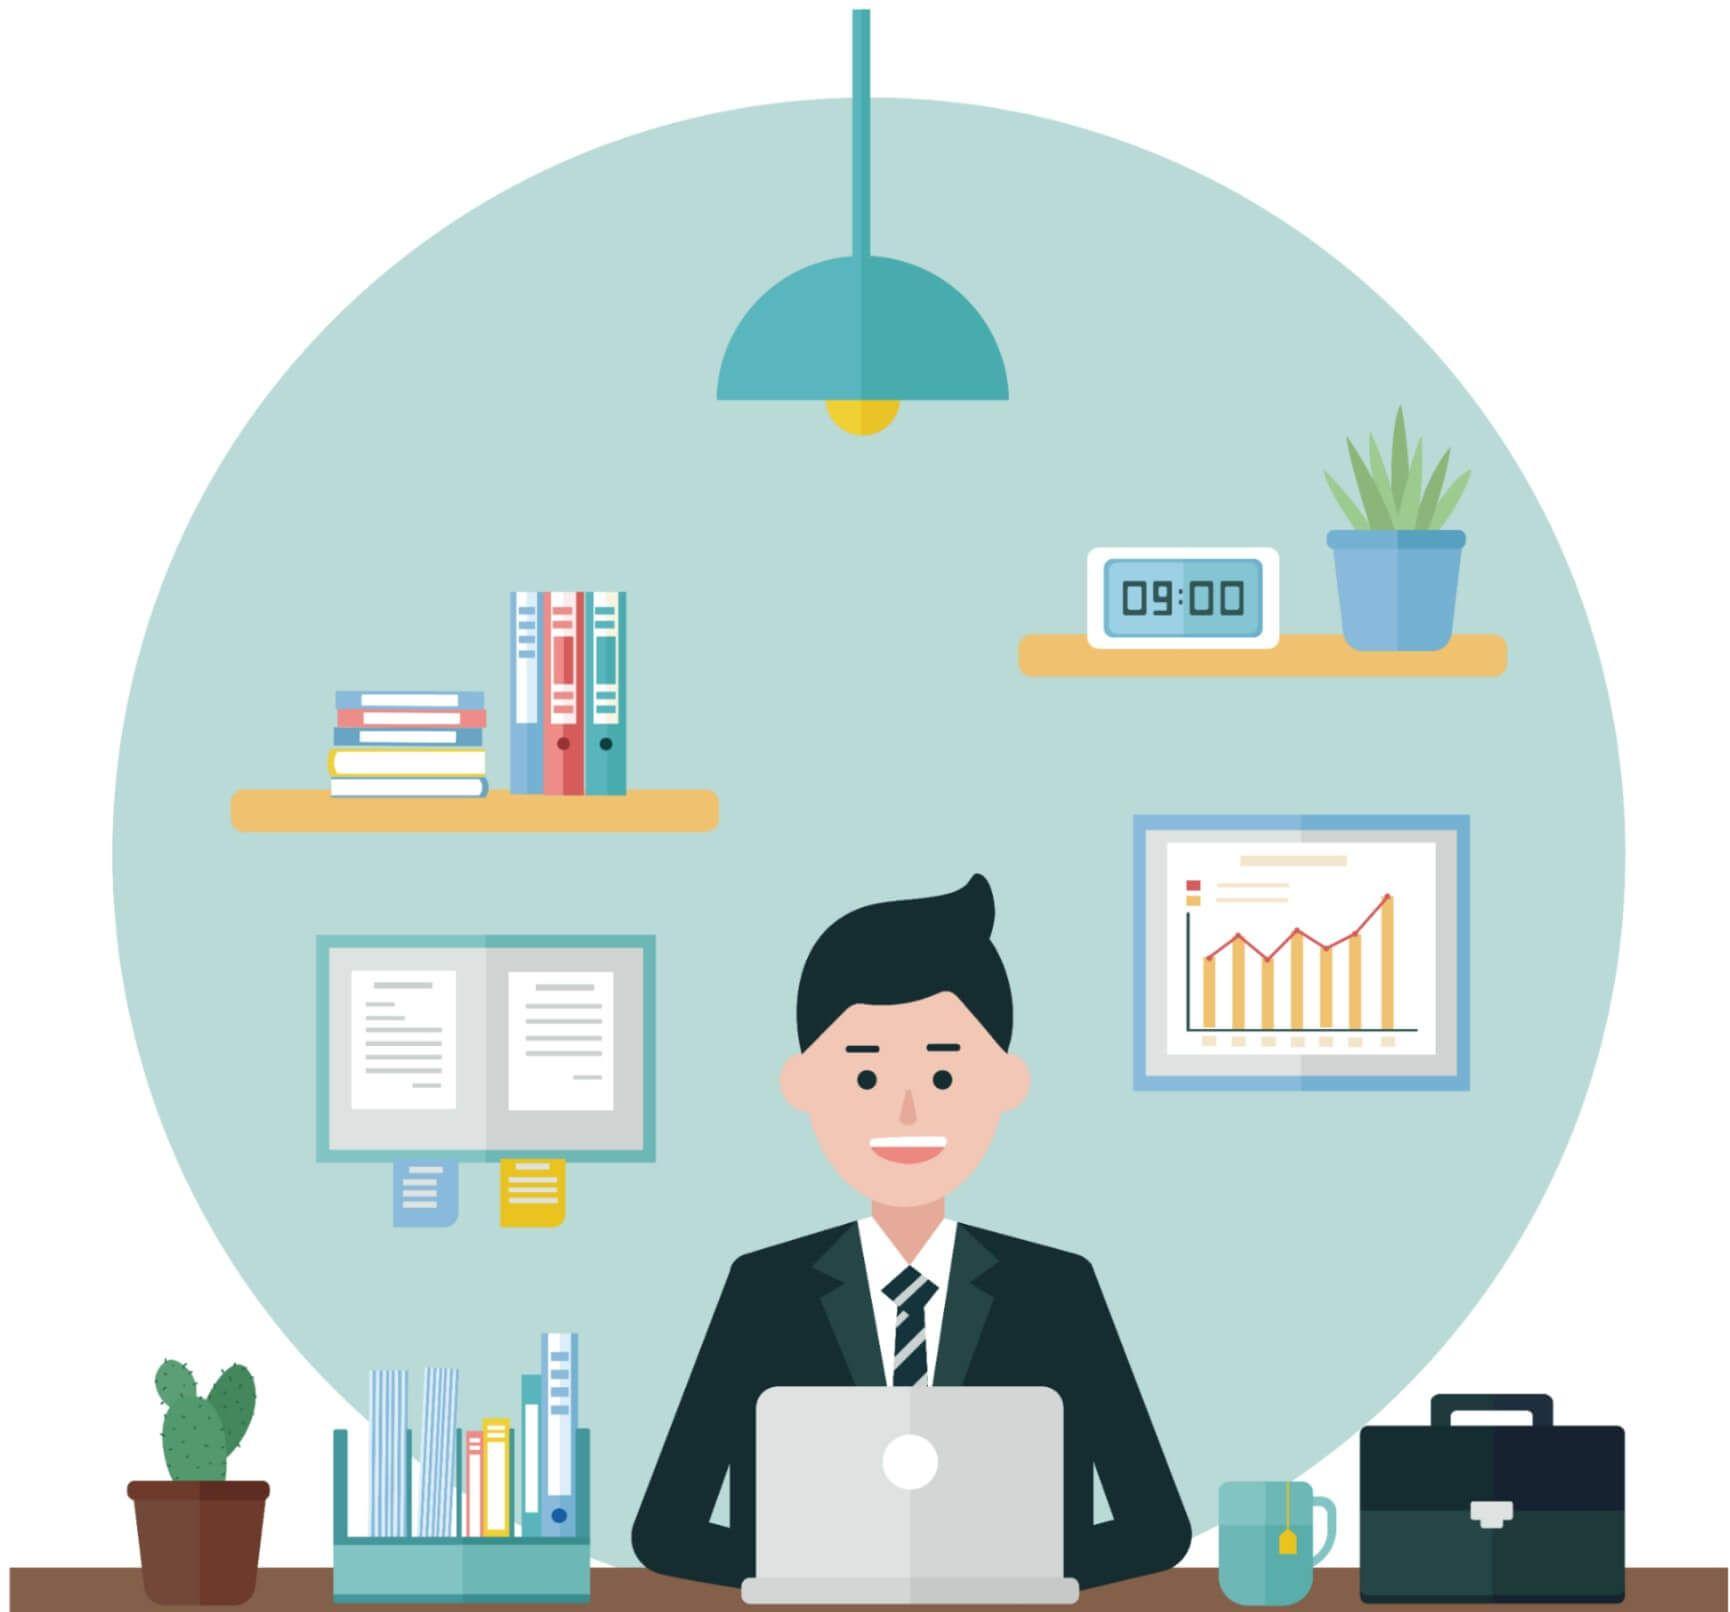 کار دانش اموزی و کار و مدرسه کار پاره وقت دانشجویی